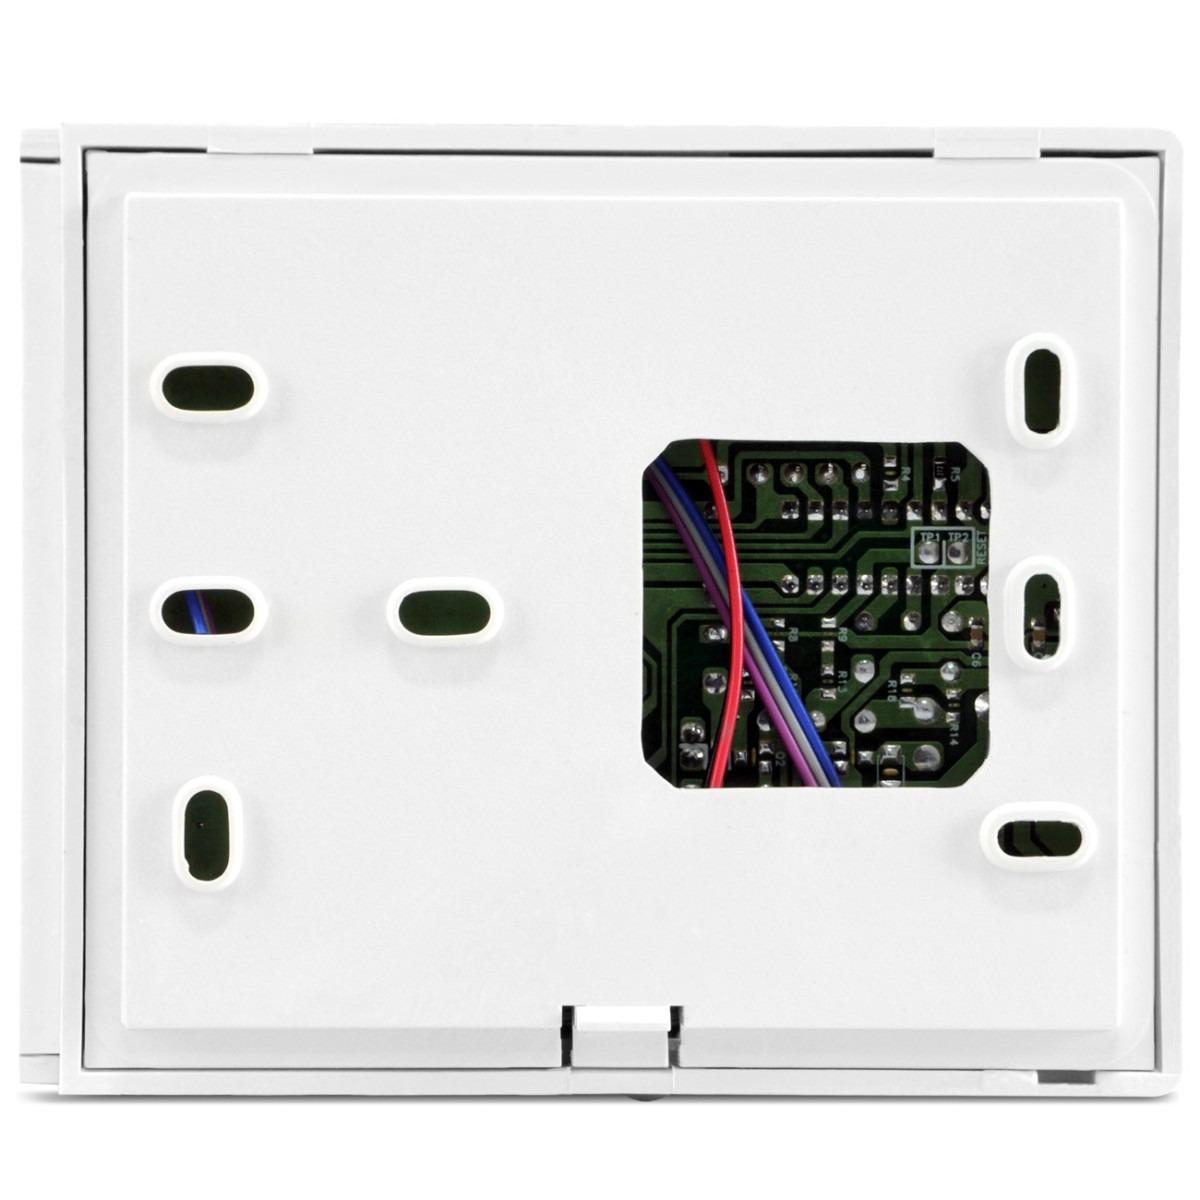 Teclado Controle De Acesso com fio ECP Conect Senha - JS Soluções em Segurança